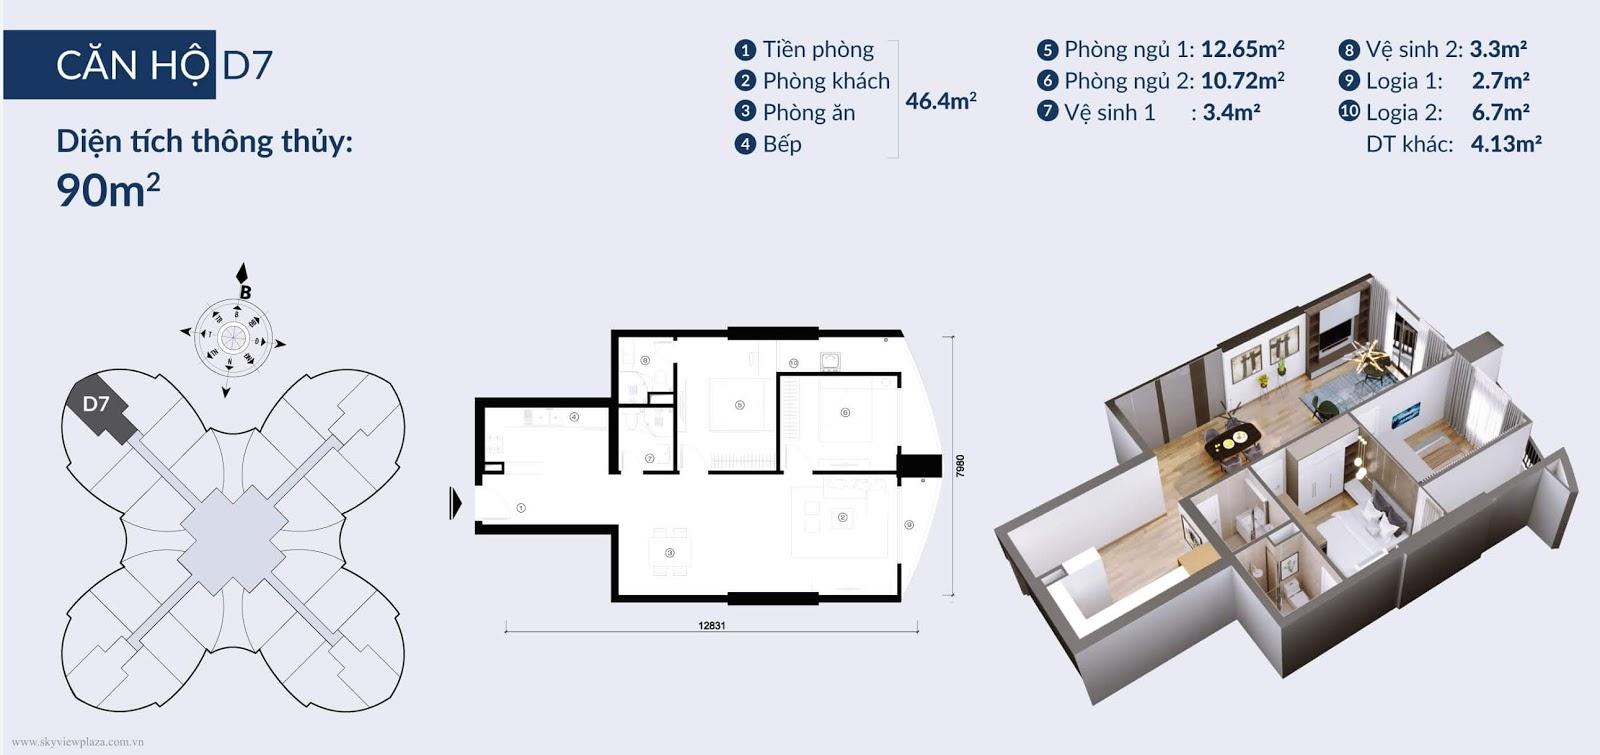 Chi tiết căn hộ D7 dự án 360 Giải Phóng